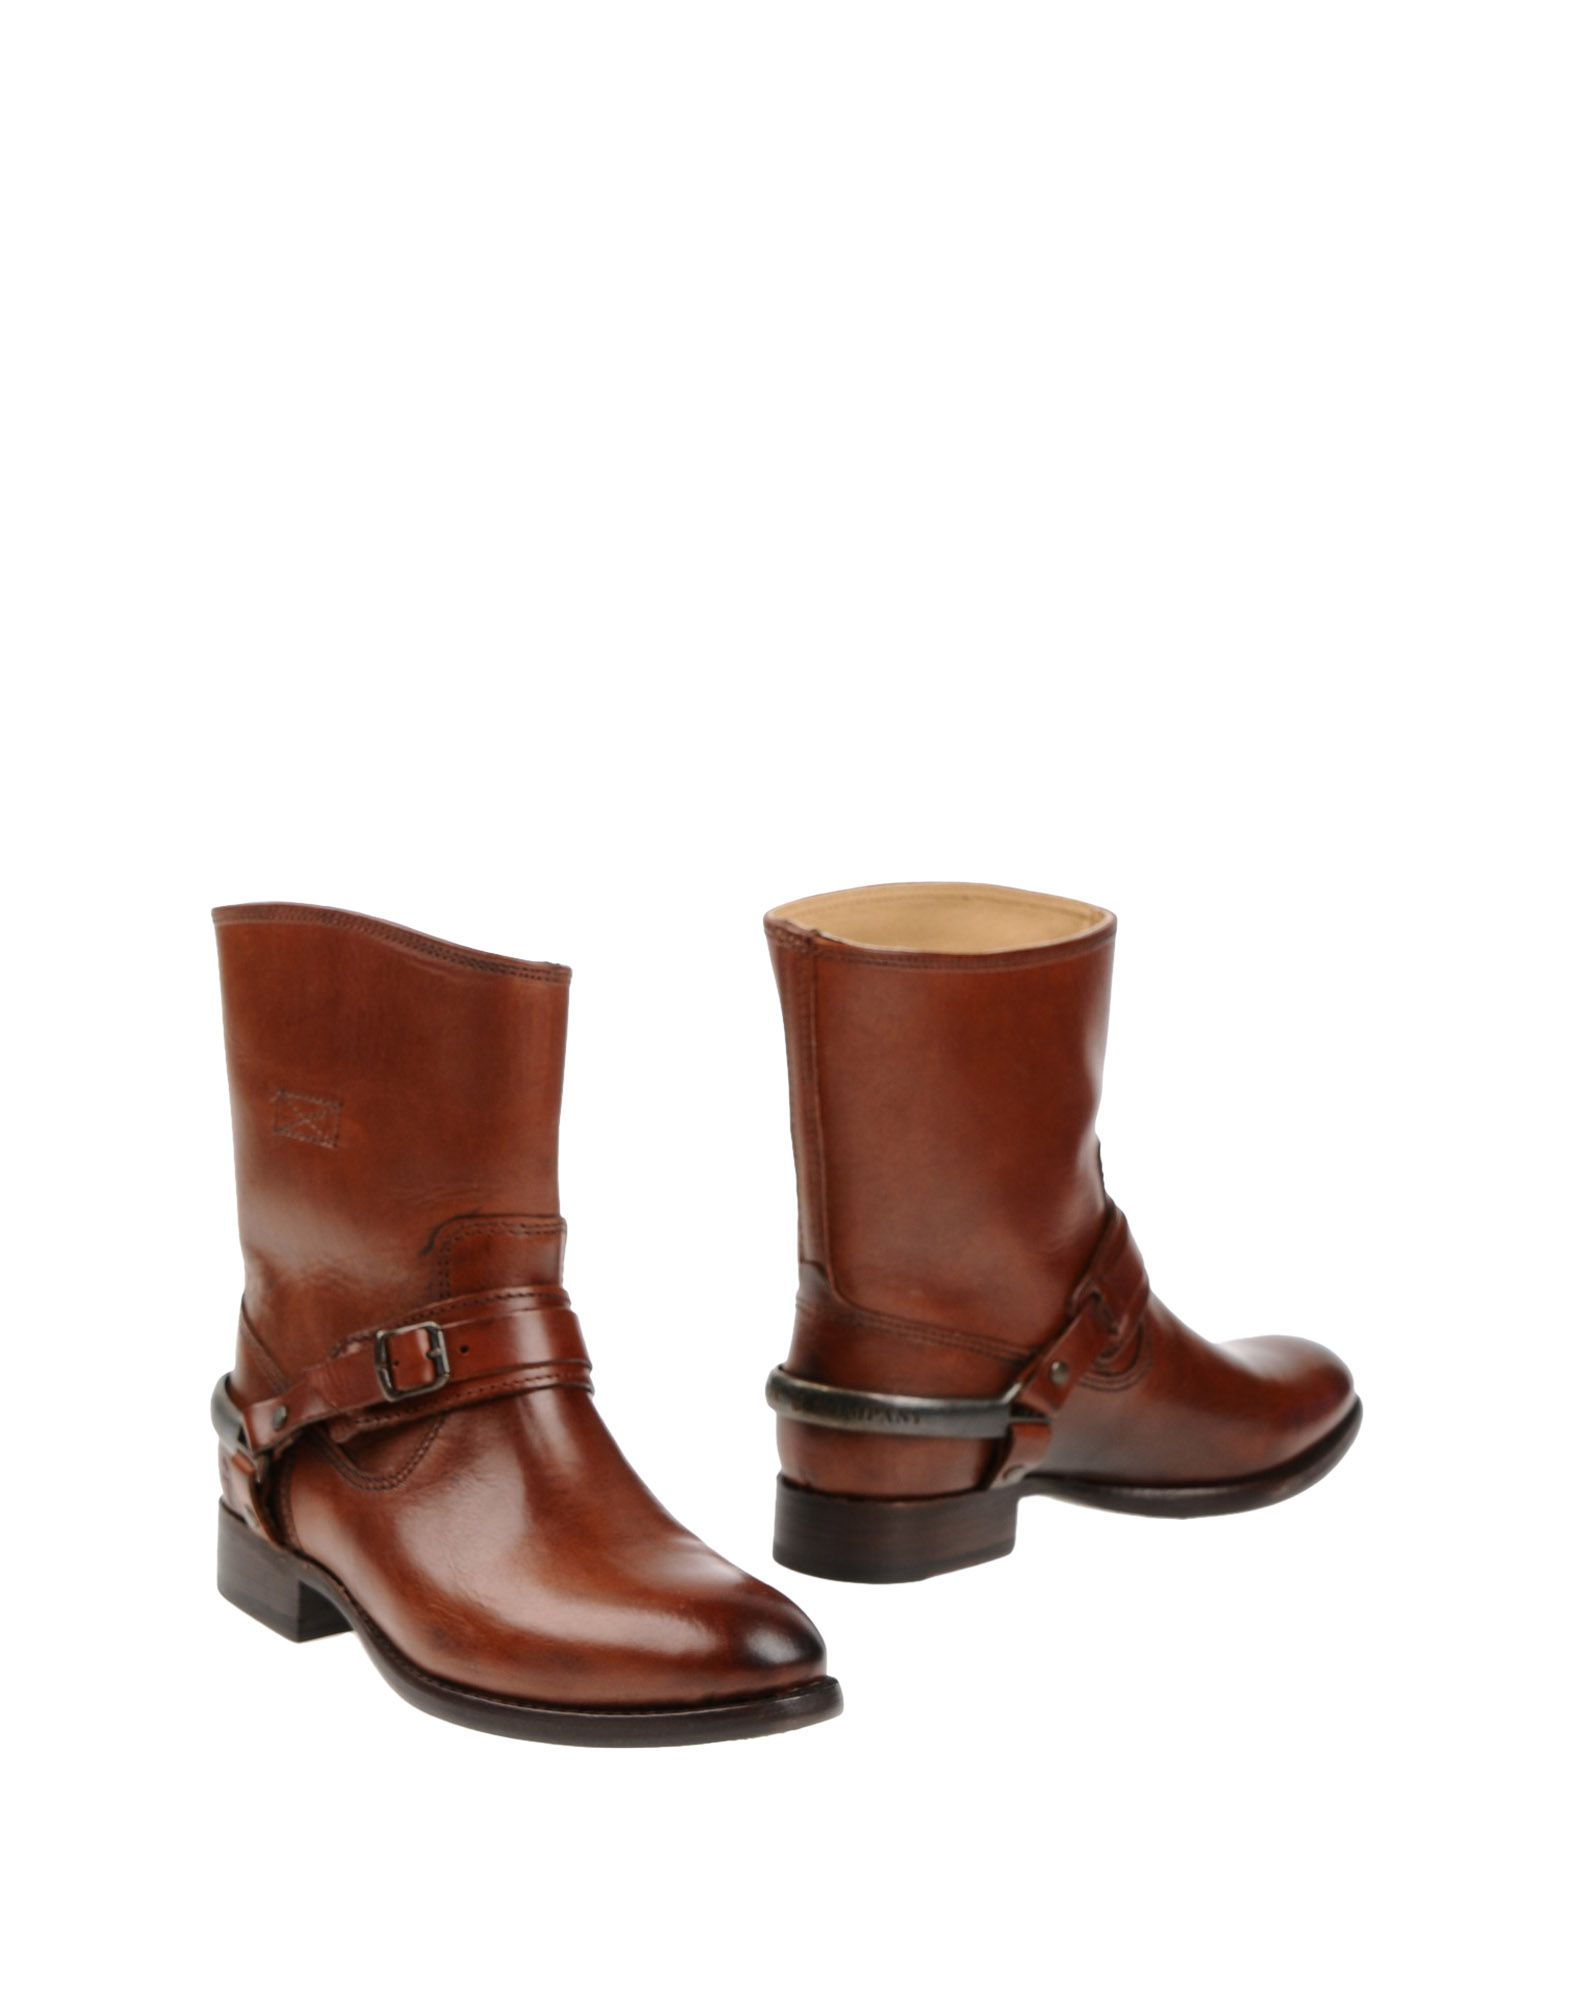 Bottine Frye Femme - Bottines Frye Marron Dernières chaussures discount pour hommes et femmes